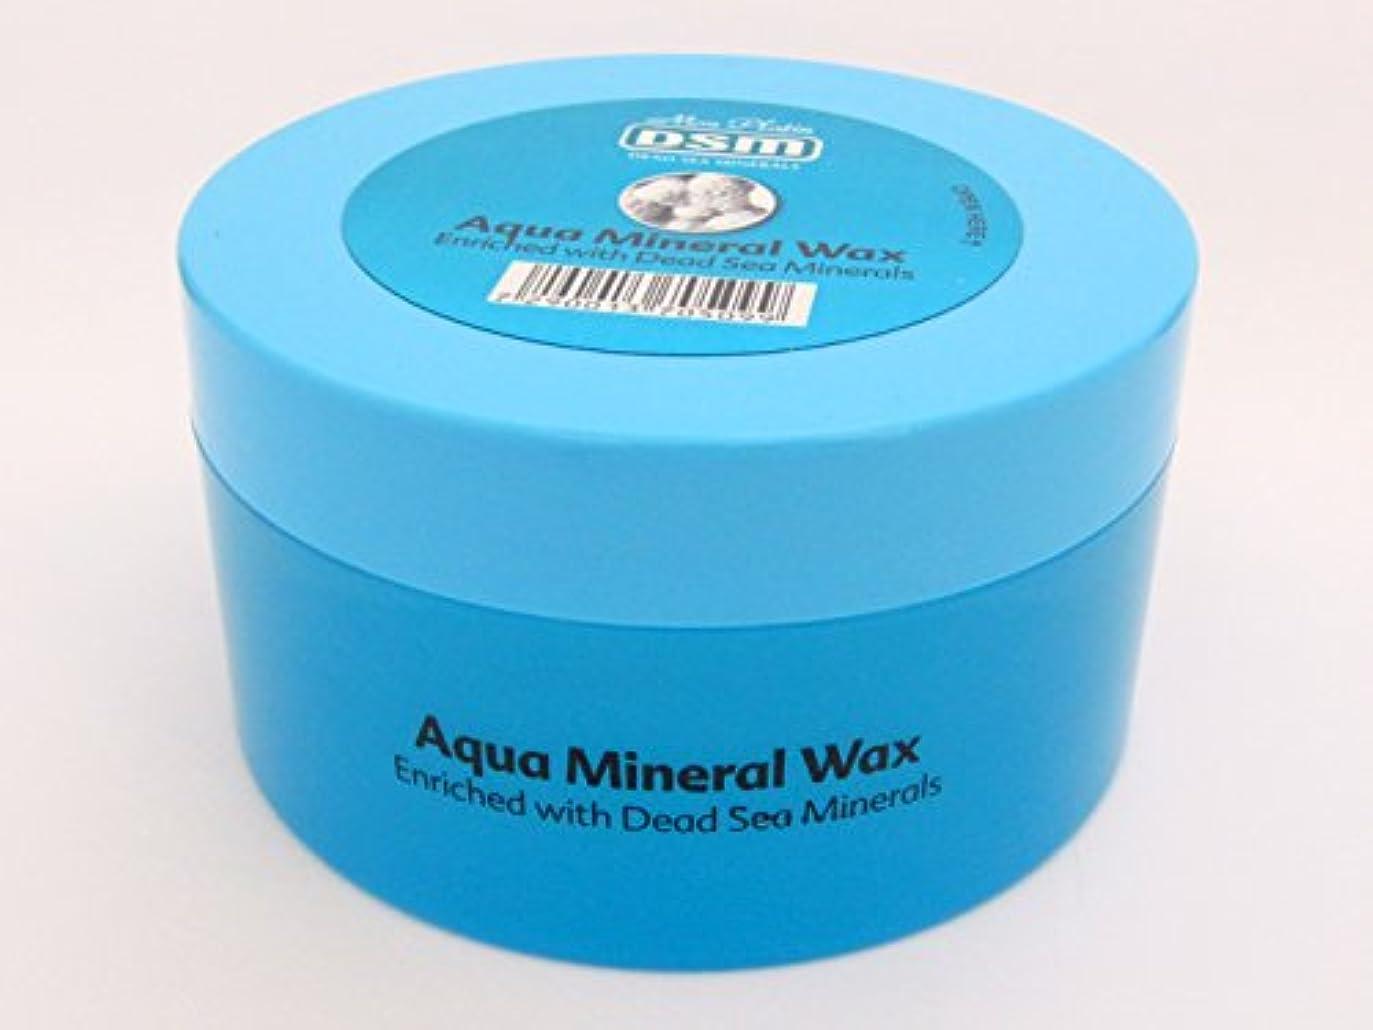 知恵好奇心盛藤色液状ミネラルワックス 280mL Mon Platin 死海ミネラル 整髪 全髪タイプ 天然 お手入れ 美容 イスラエル (Aqua Mineral Wax)